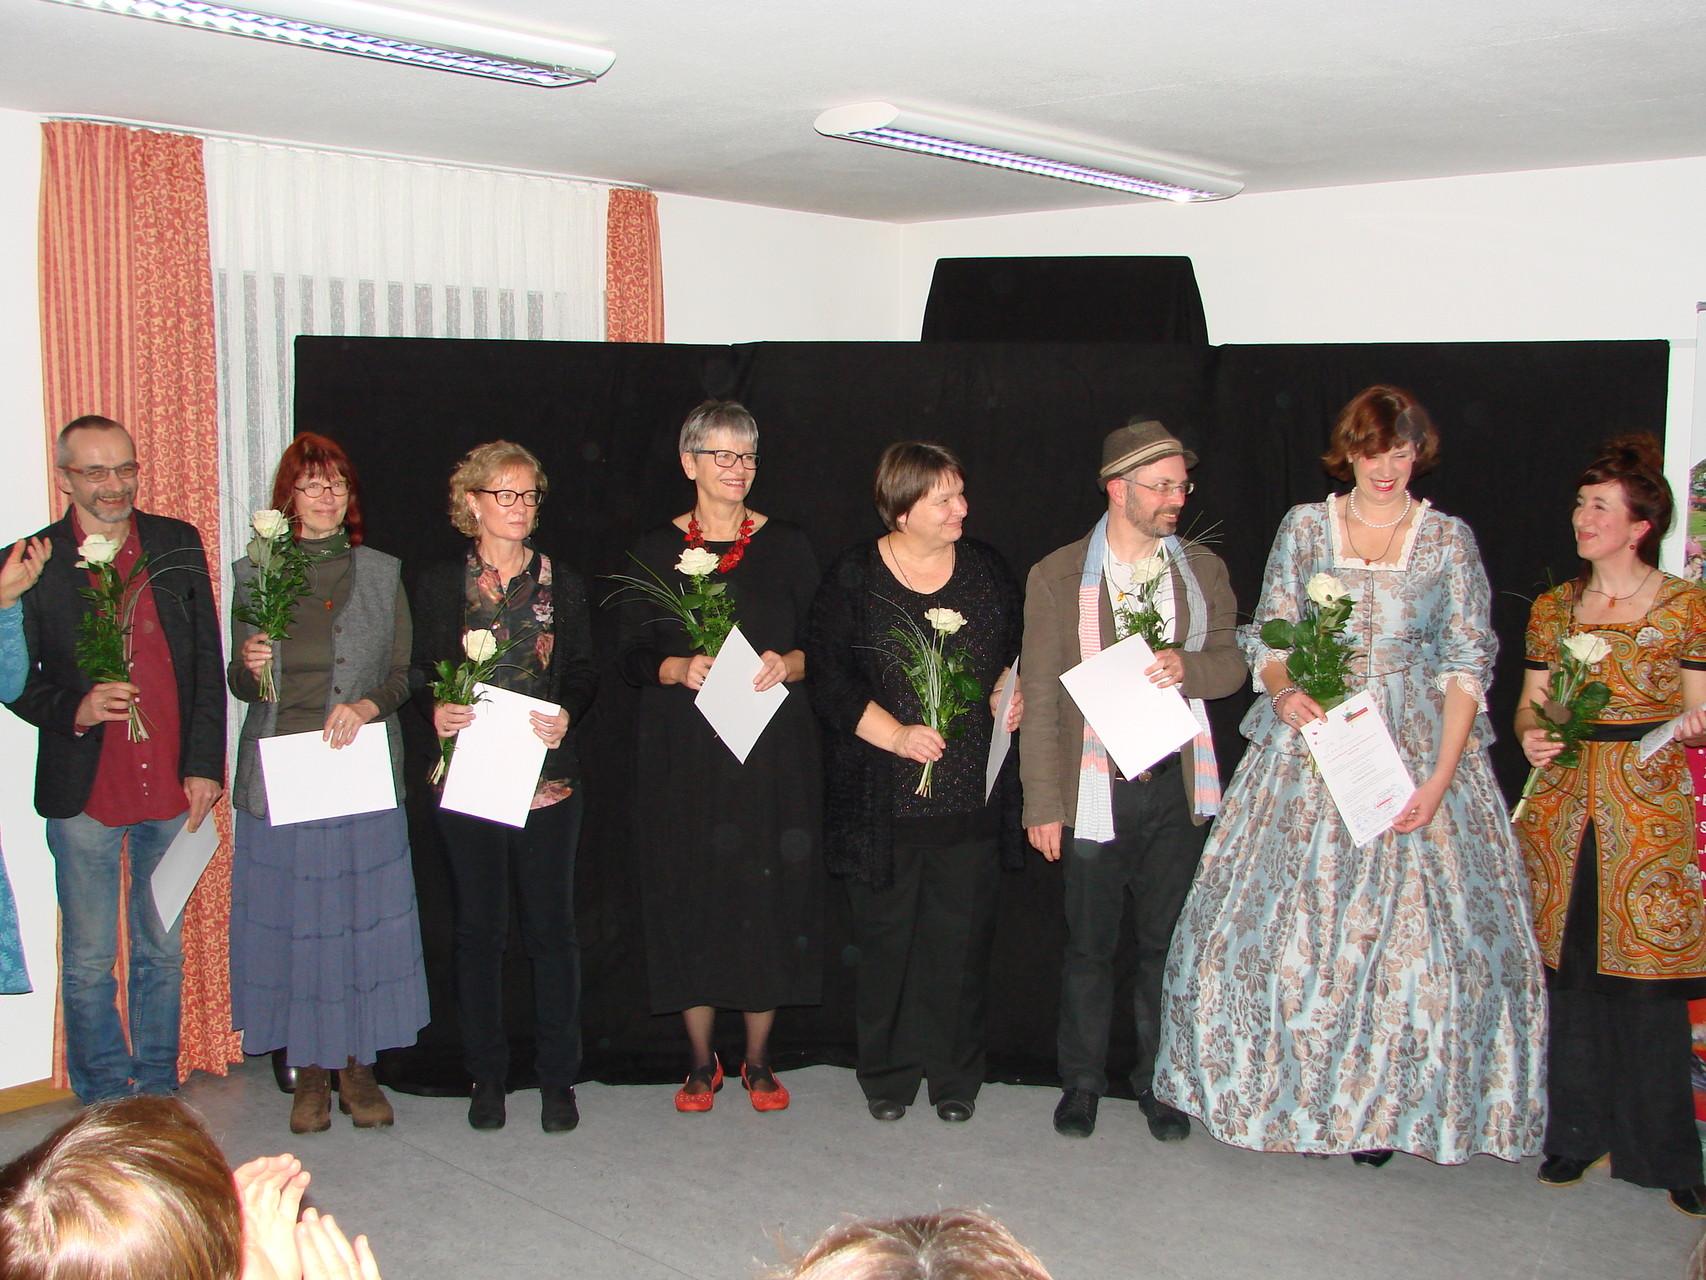 2015 - Benediktushöhe bei Würzburg